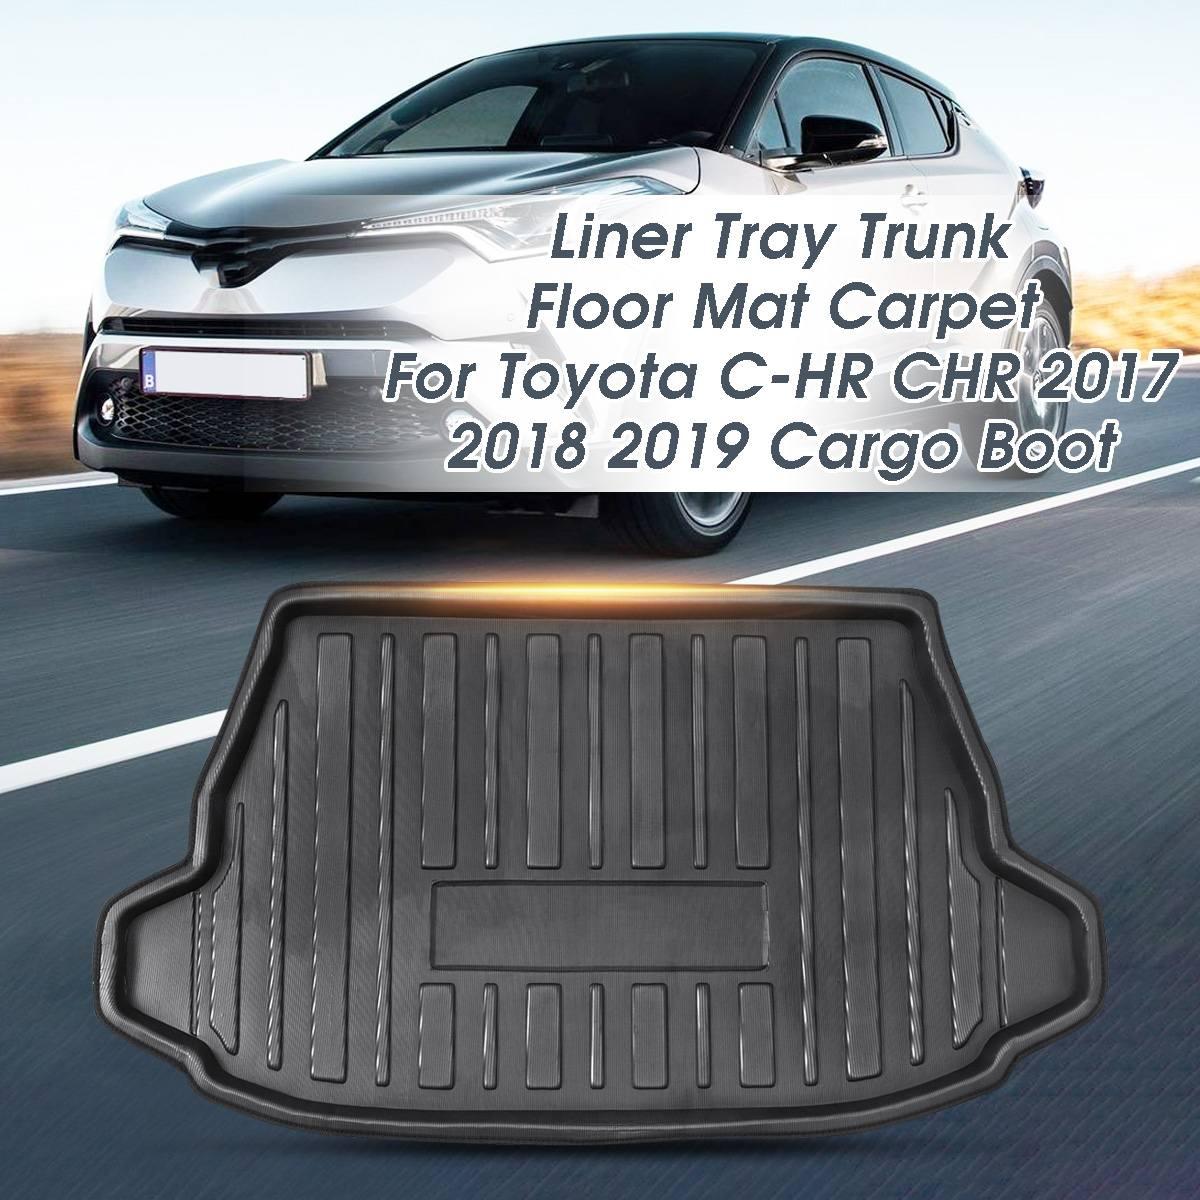 New Car Mat Car Boot Mat Cargo Mat Cargo Liner Cargo Cover Rear Trunk Mat Trunk Liner Tray Floor Mat Custom Fit for Toyota C-HR CHR 2017 2018 2019 2020